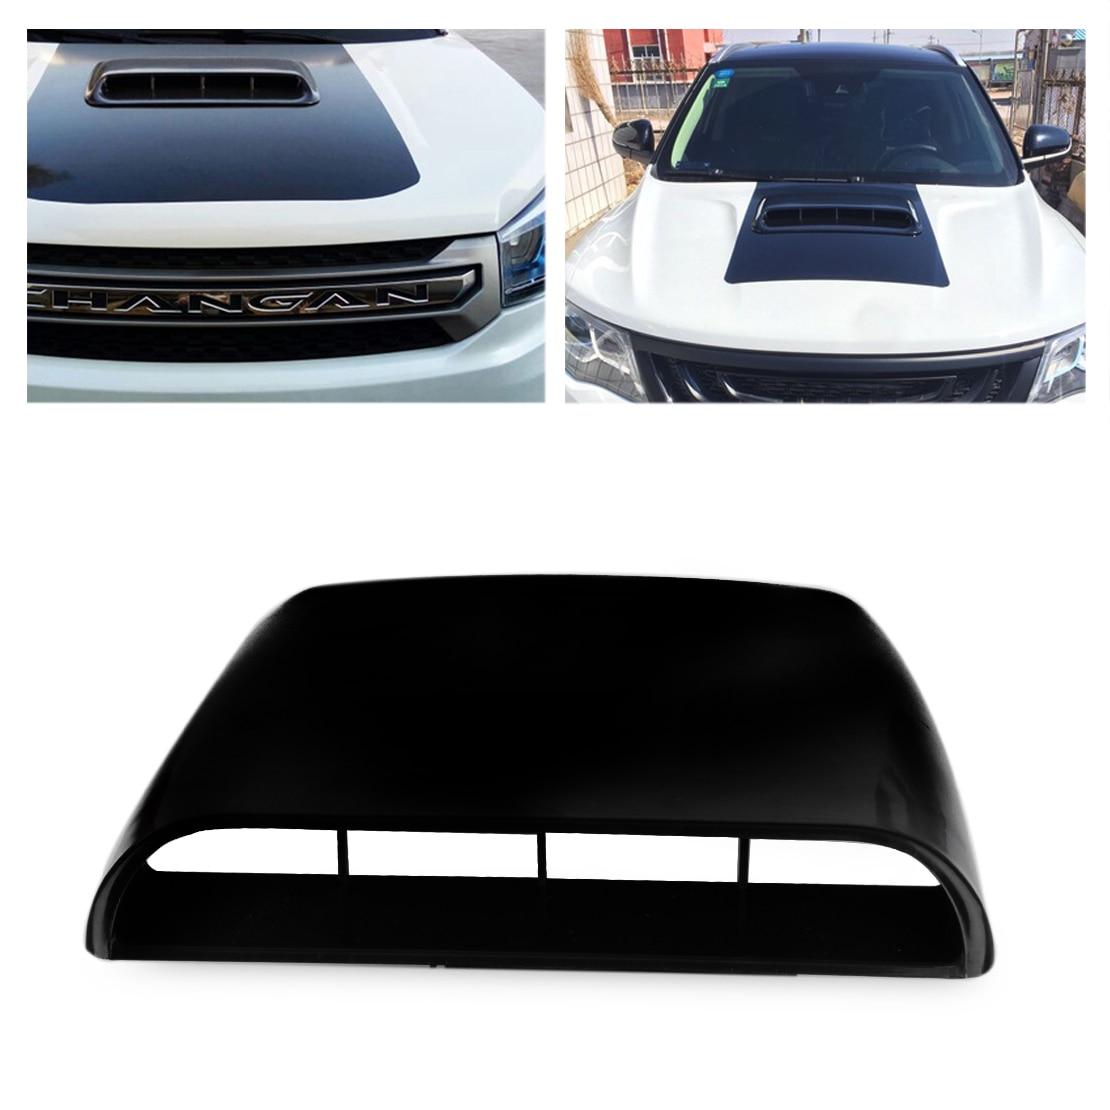 Dwcx Universal Mobil Auto ABS Plastik 4X4 Aliran Udara Masuk Hood Scoop  Vent Bonnet Penutup Dekoratif 9d4579fedc